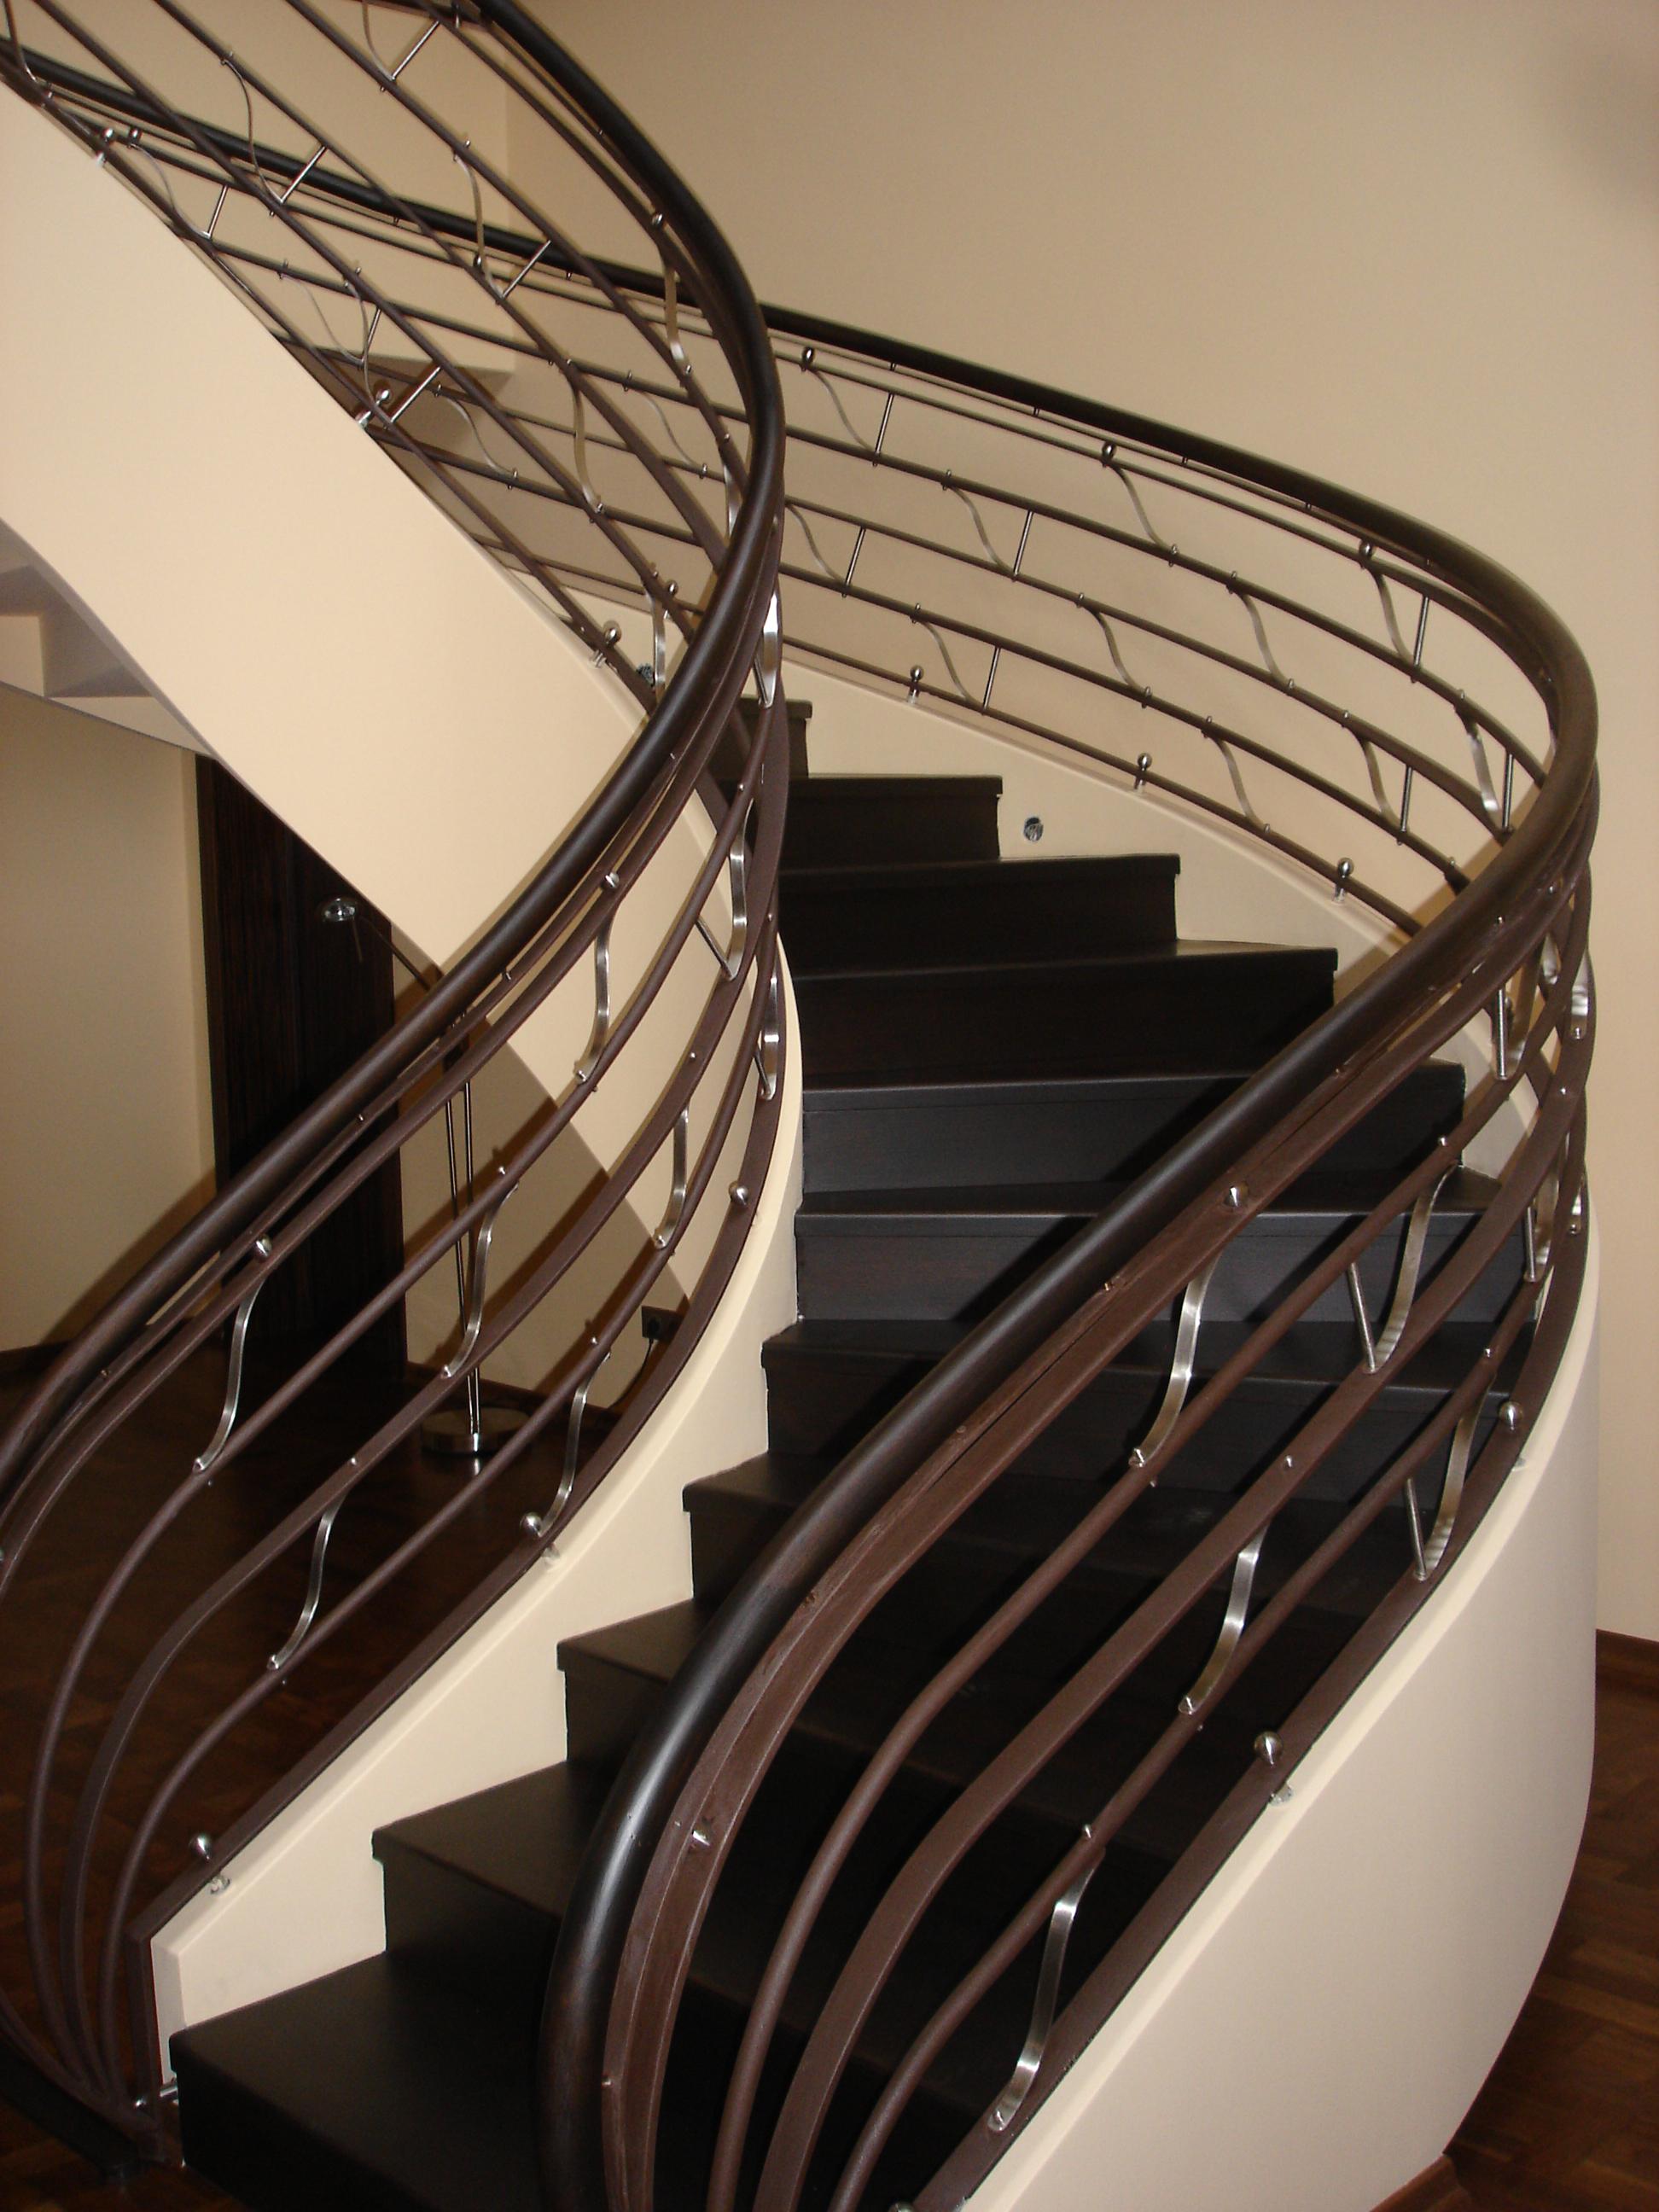 Intretinere scari interioare din lemn – cum se face?